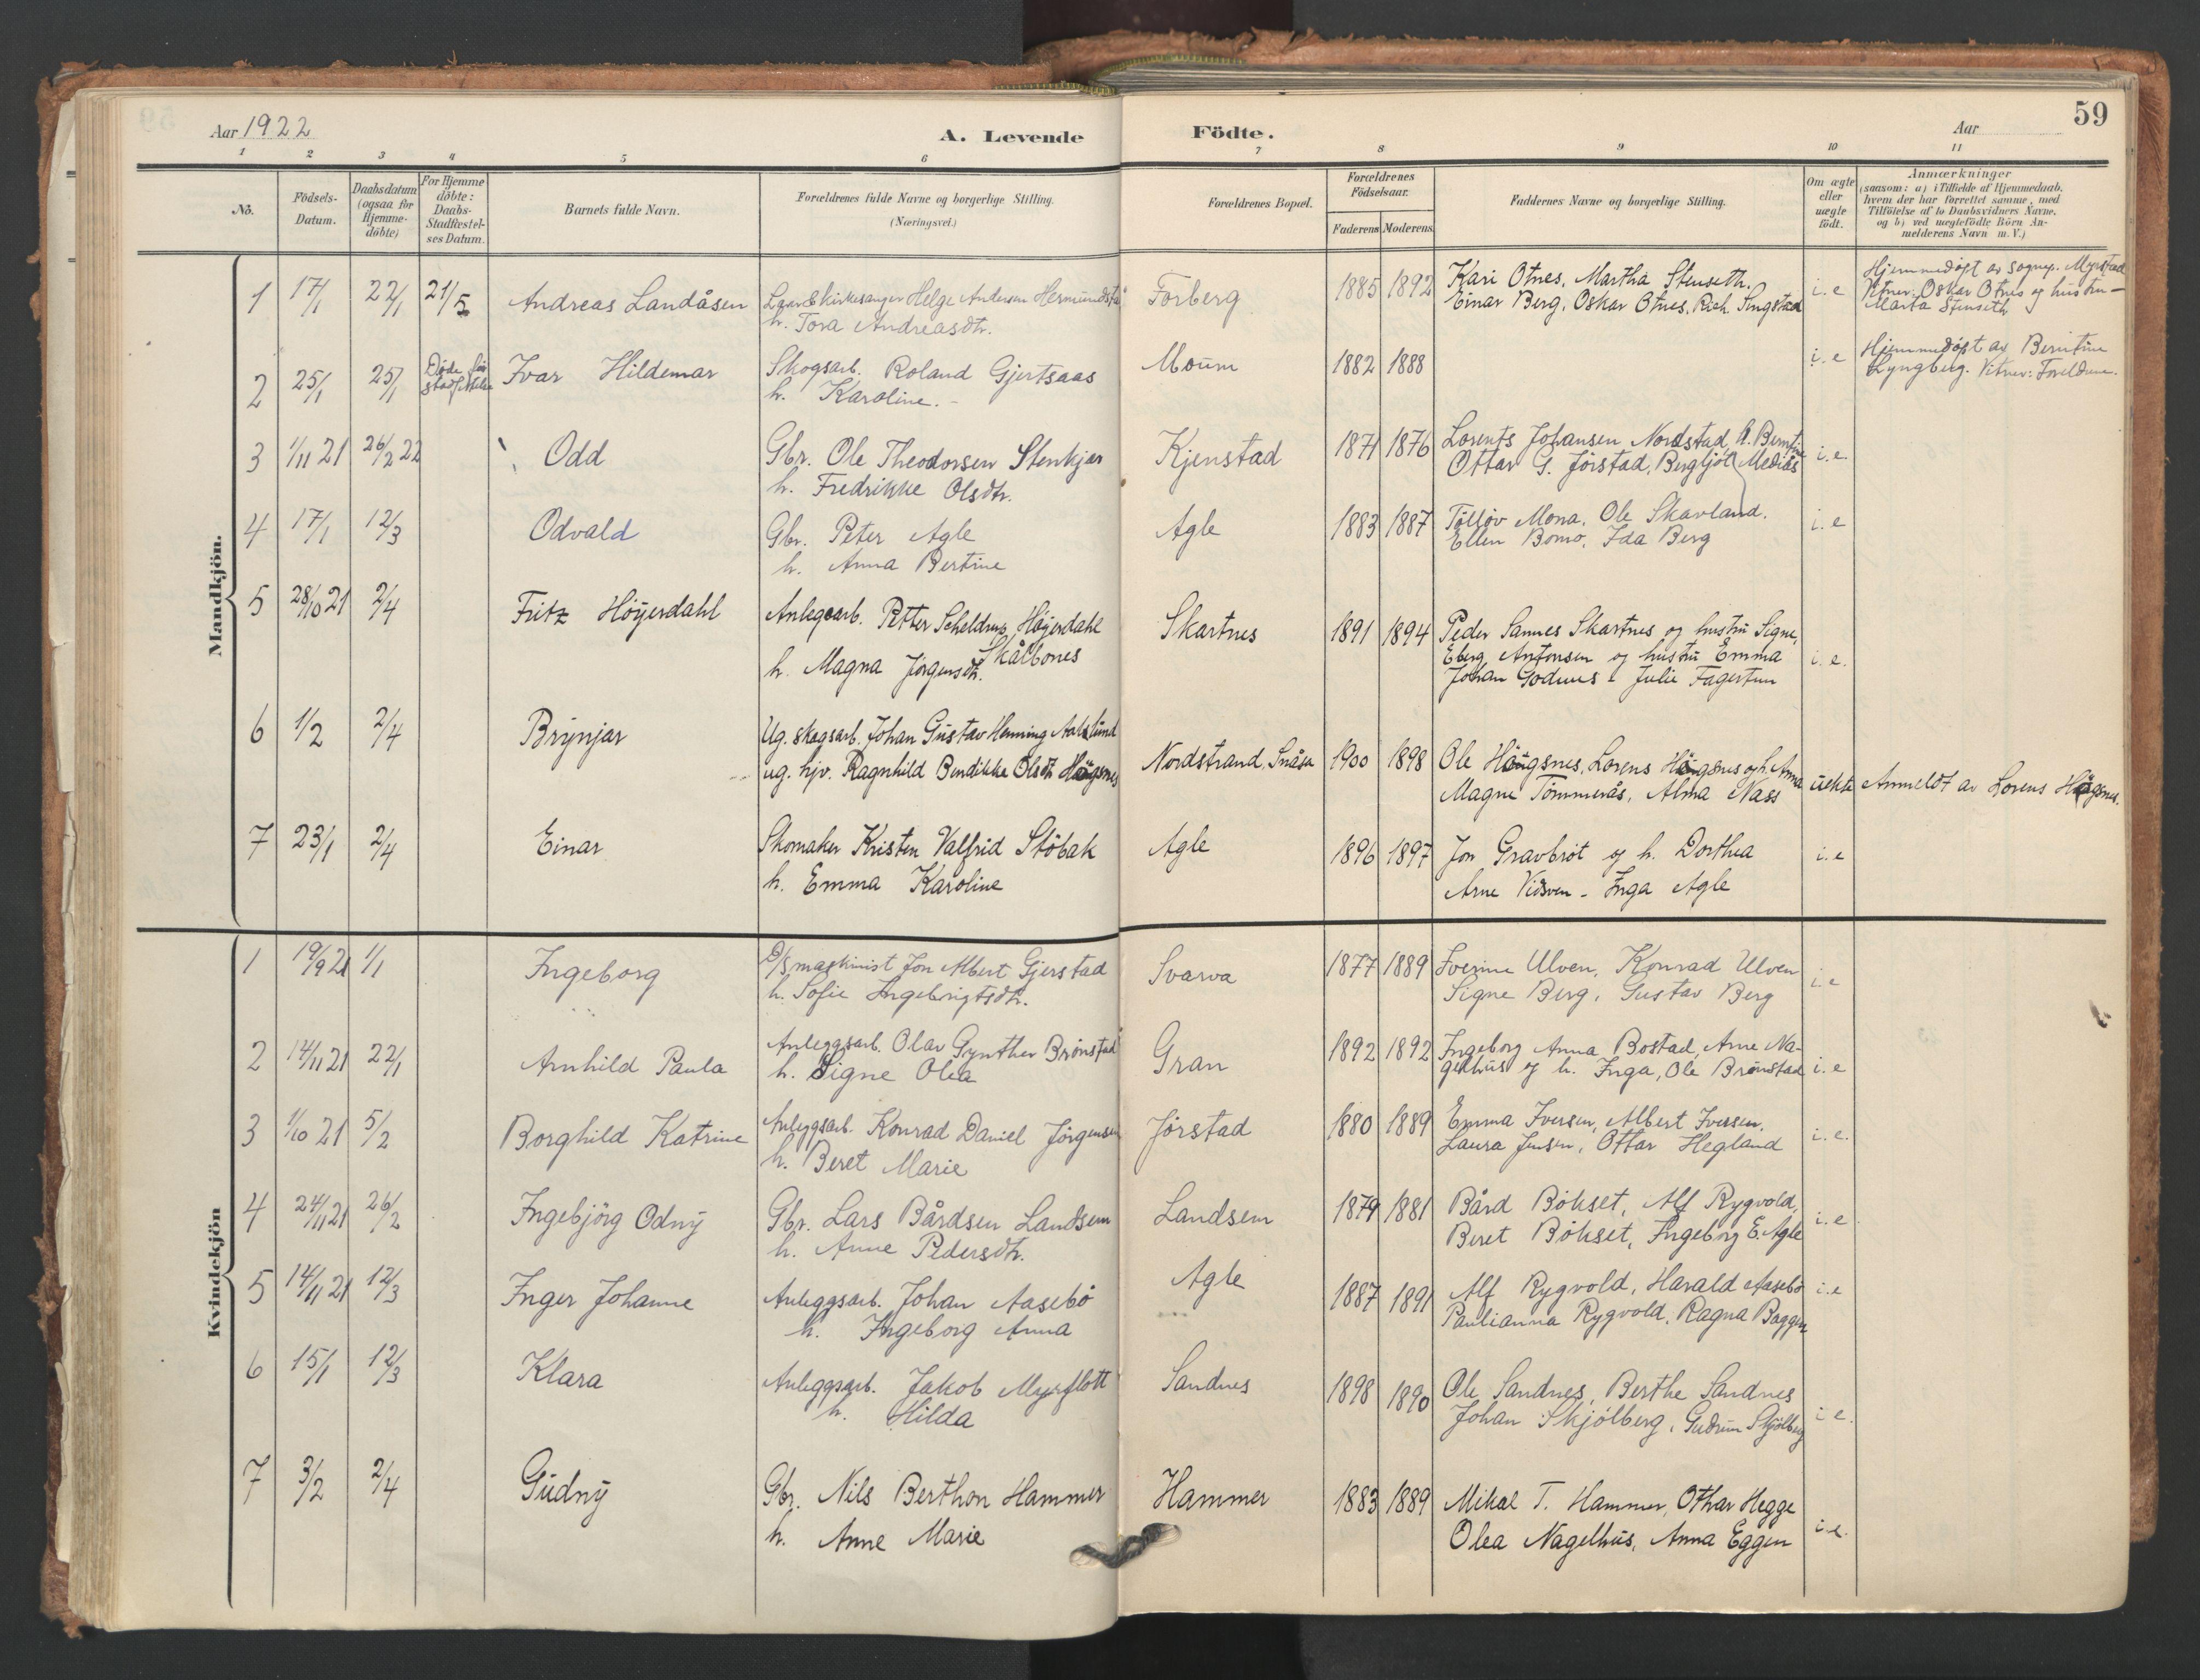 SAT, Ministerialprotokoller, klokkerbøker og fødselsregistre - Nord-Trøndelag, 749/L0477: Ministerialbok nr. 749A11, 1902-1927, s. 59